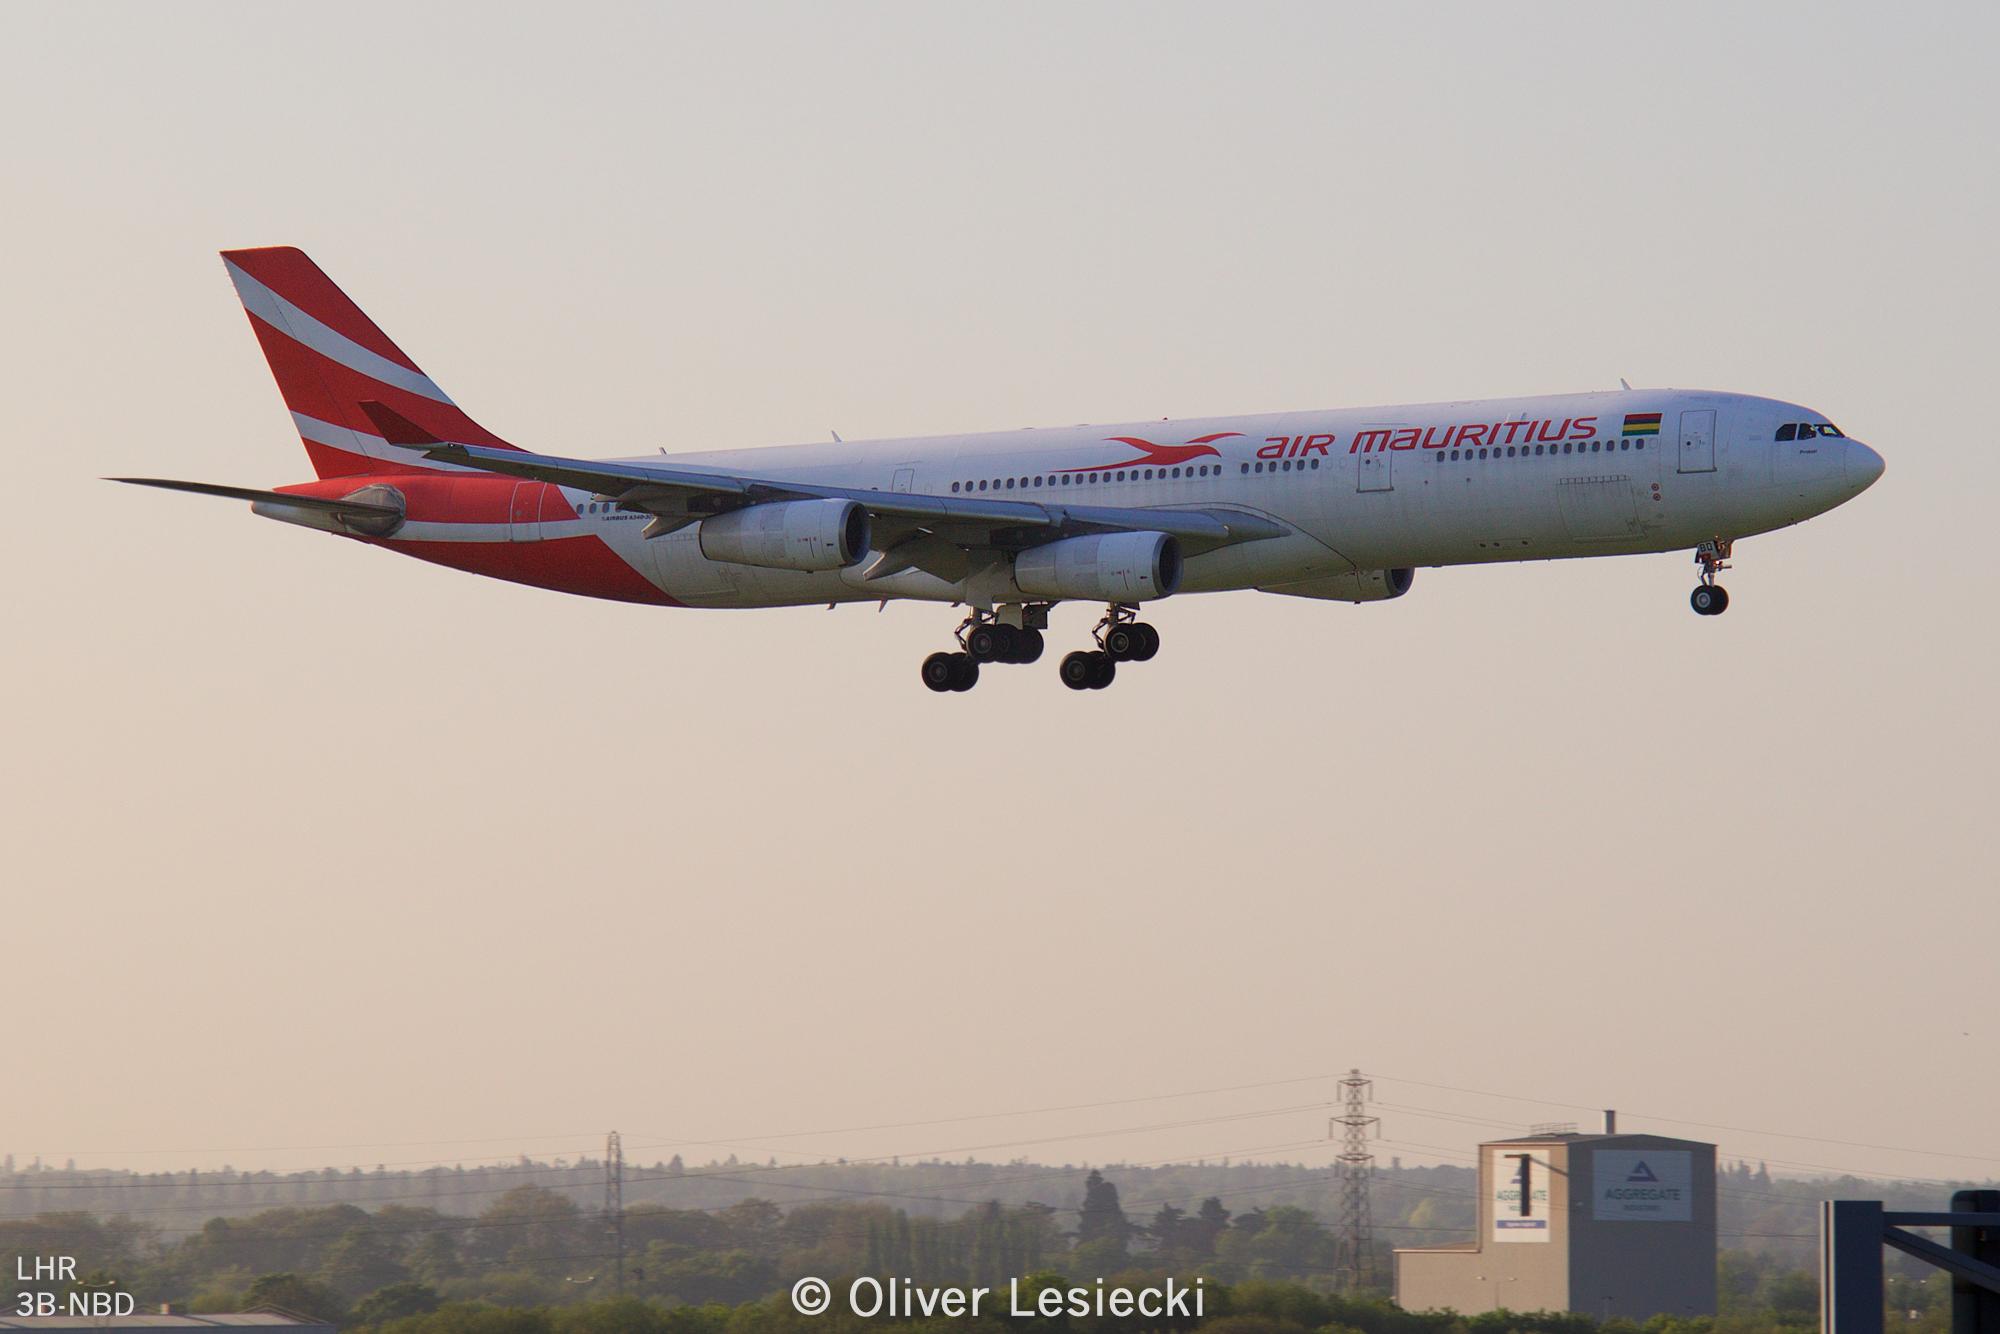 X_AirMauritius_A340_3BNBD_02_LHR_050518